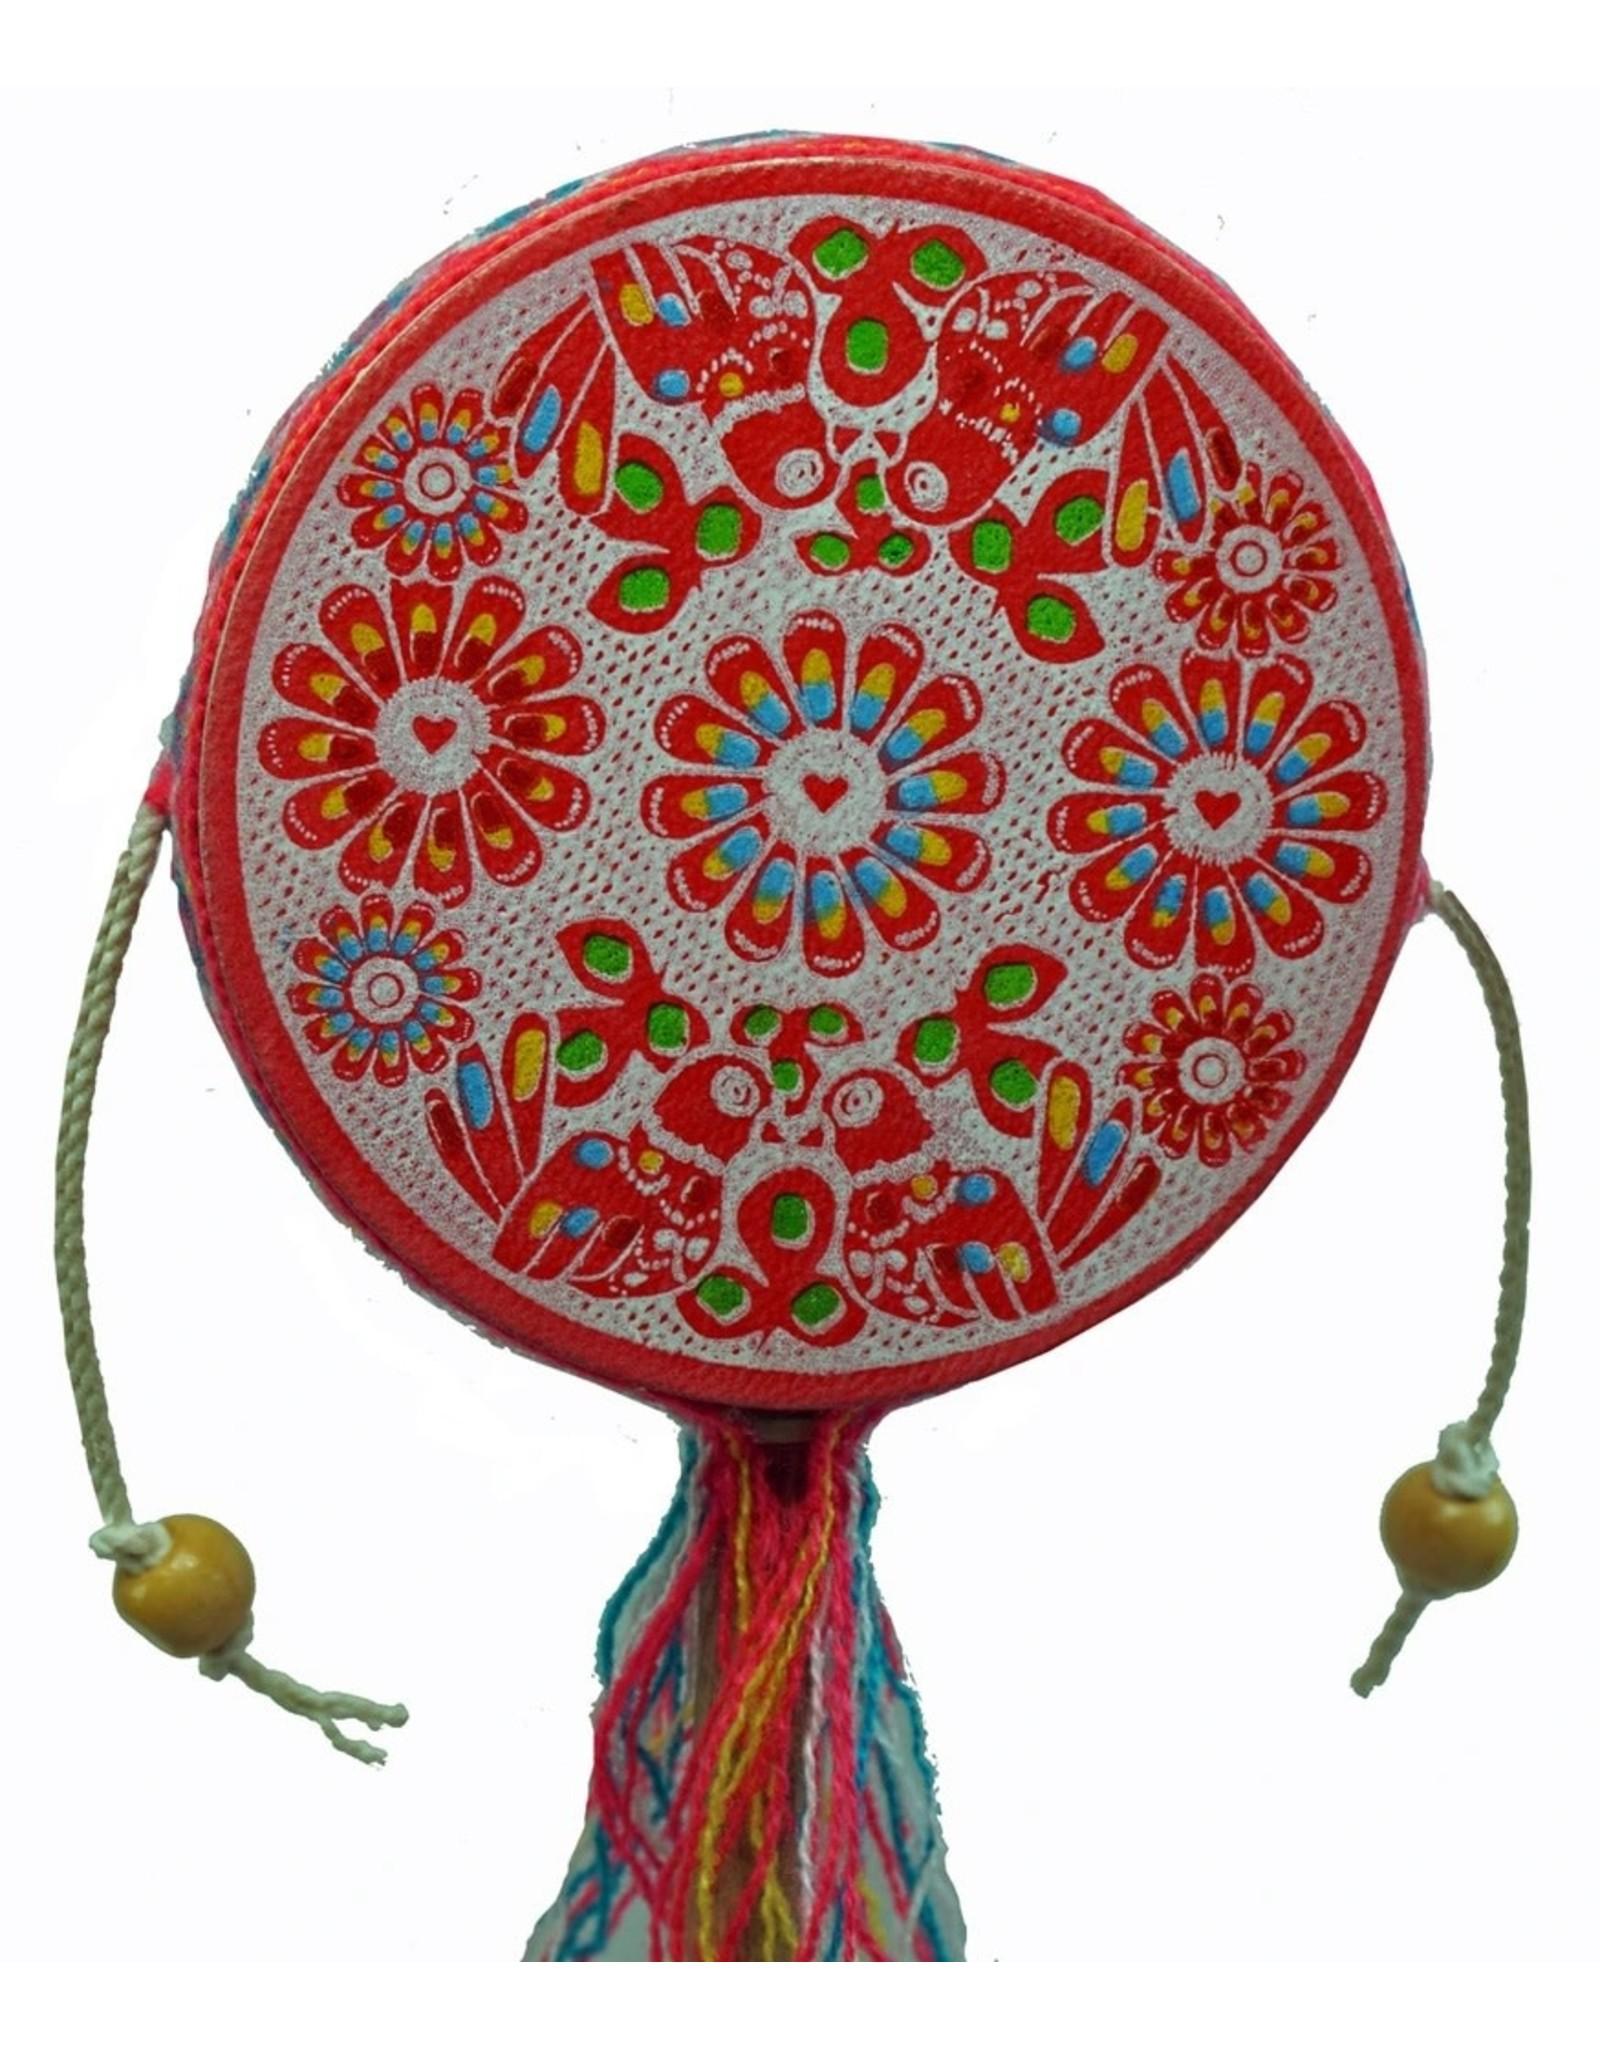 Jamtown Bright Spin Drum, Assorted, Peru